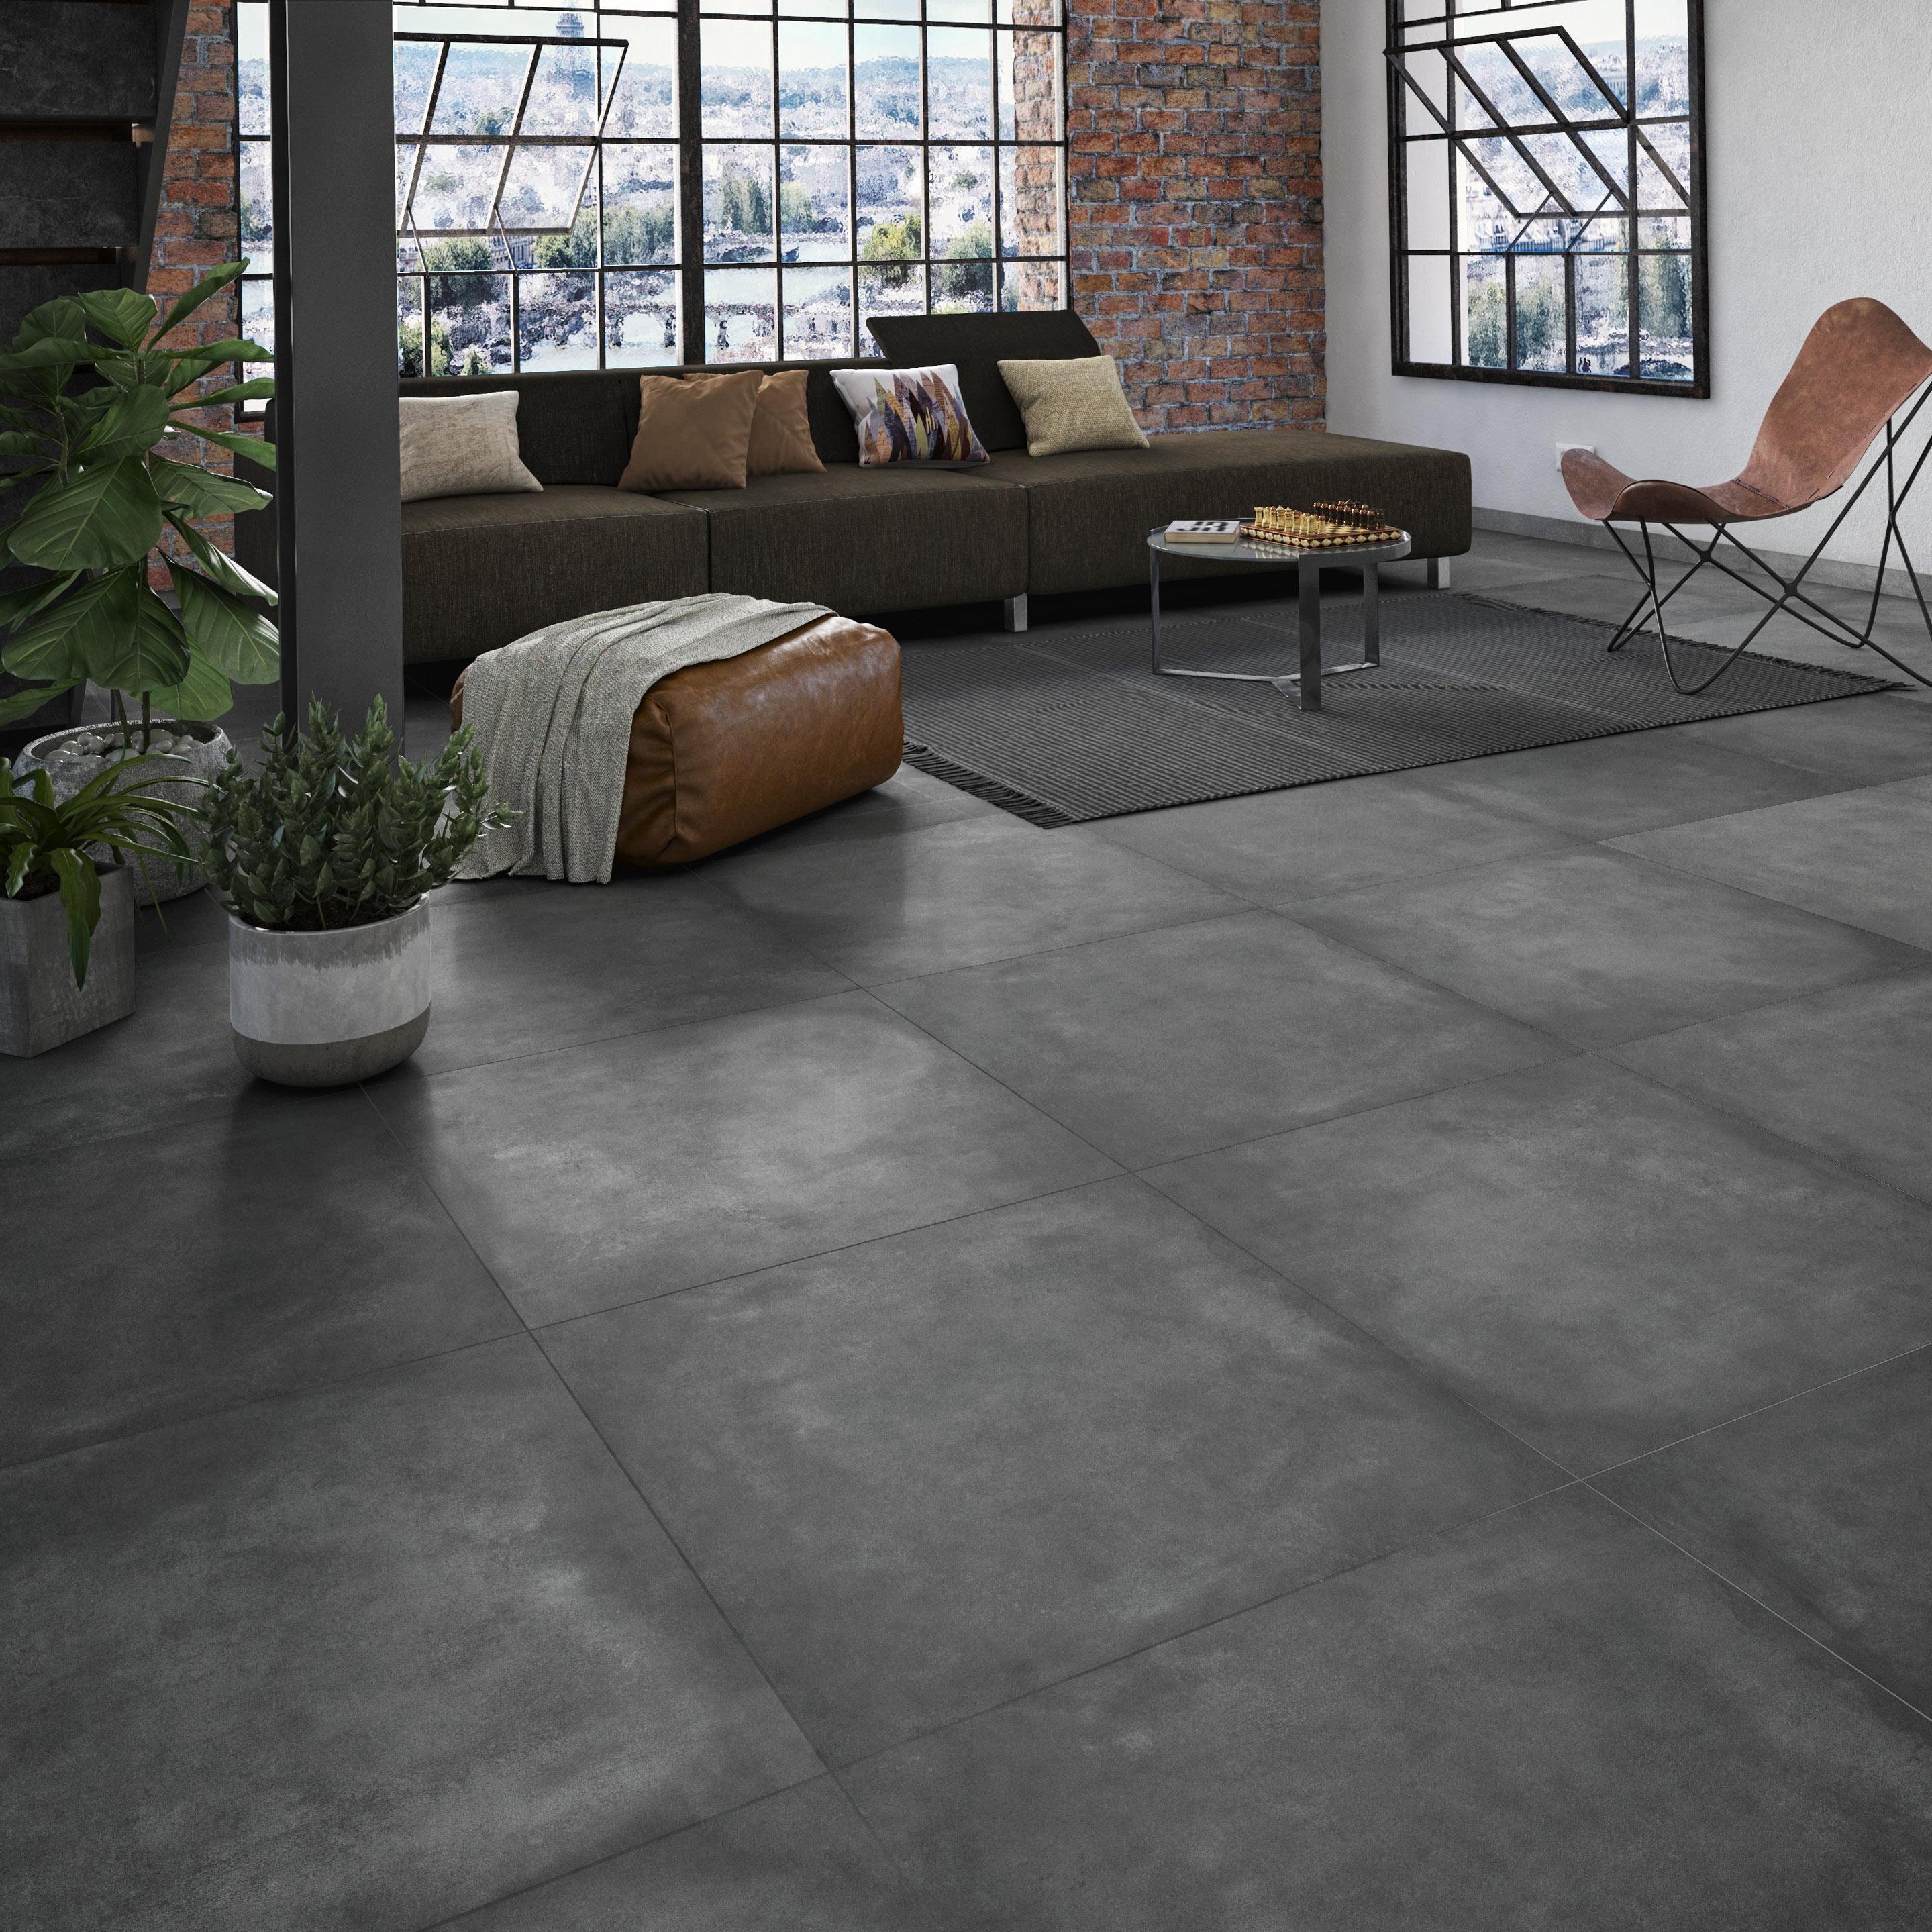 Carrelage Sol Et Mur Forte Effet Beton Noir Craft L 75 X L 75 Cm